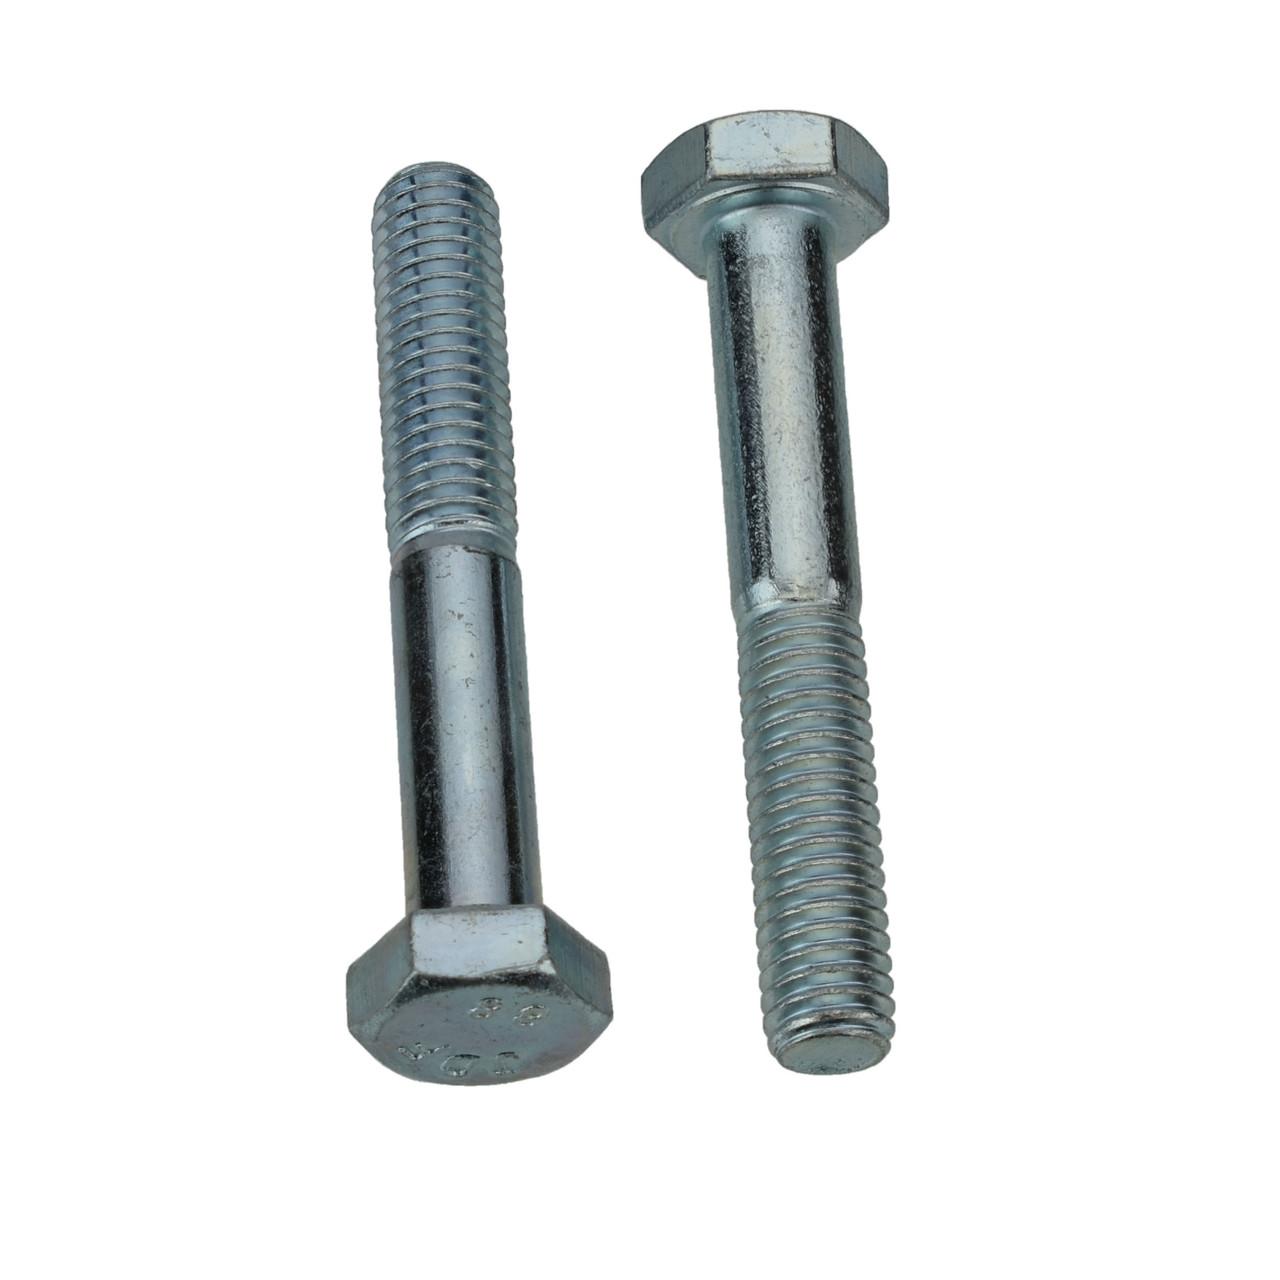 M6-1.0 x 40mm Hex Head Bolt - Interchange: Auveco 14413 Disco 881pk